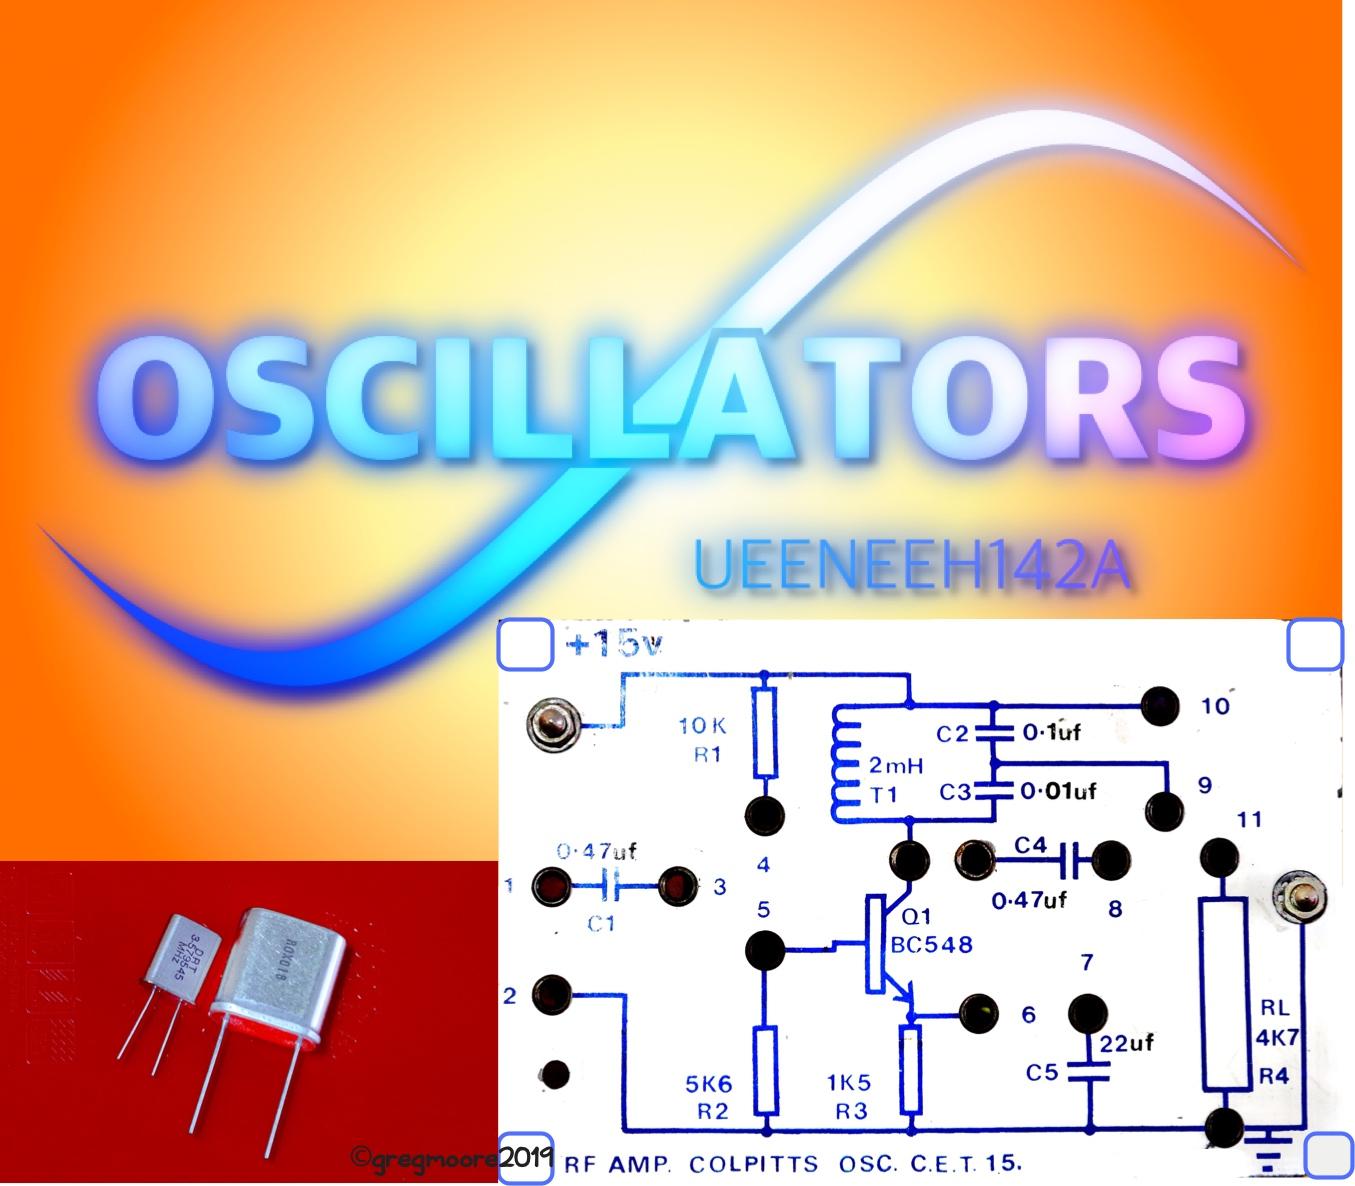 oscillators hdr